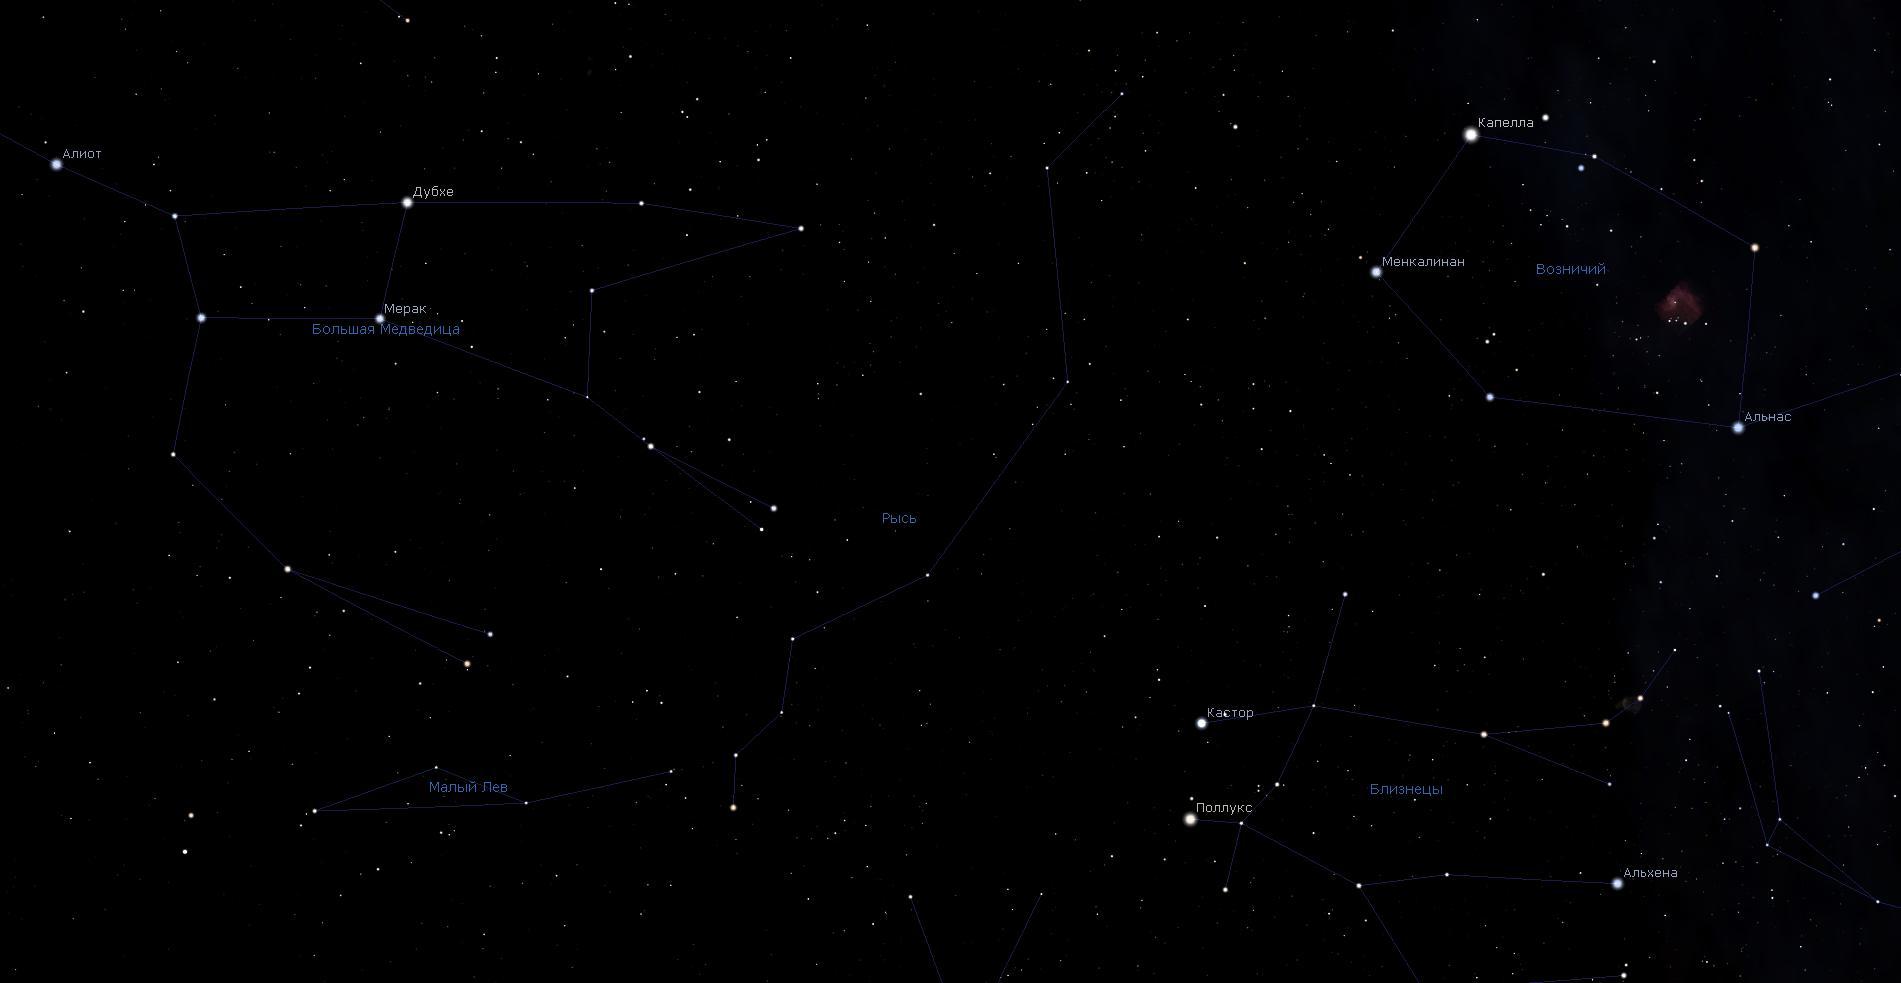 Созвездие Рысь, вид в программу планетарий Stellarium